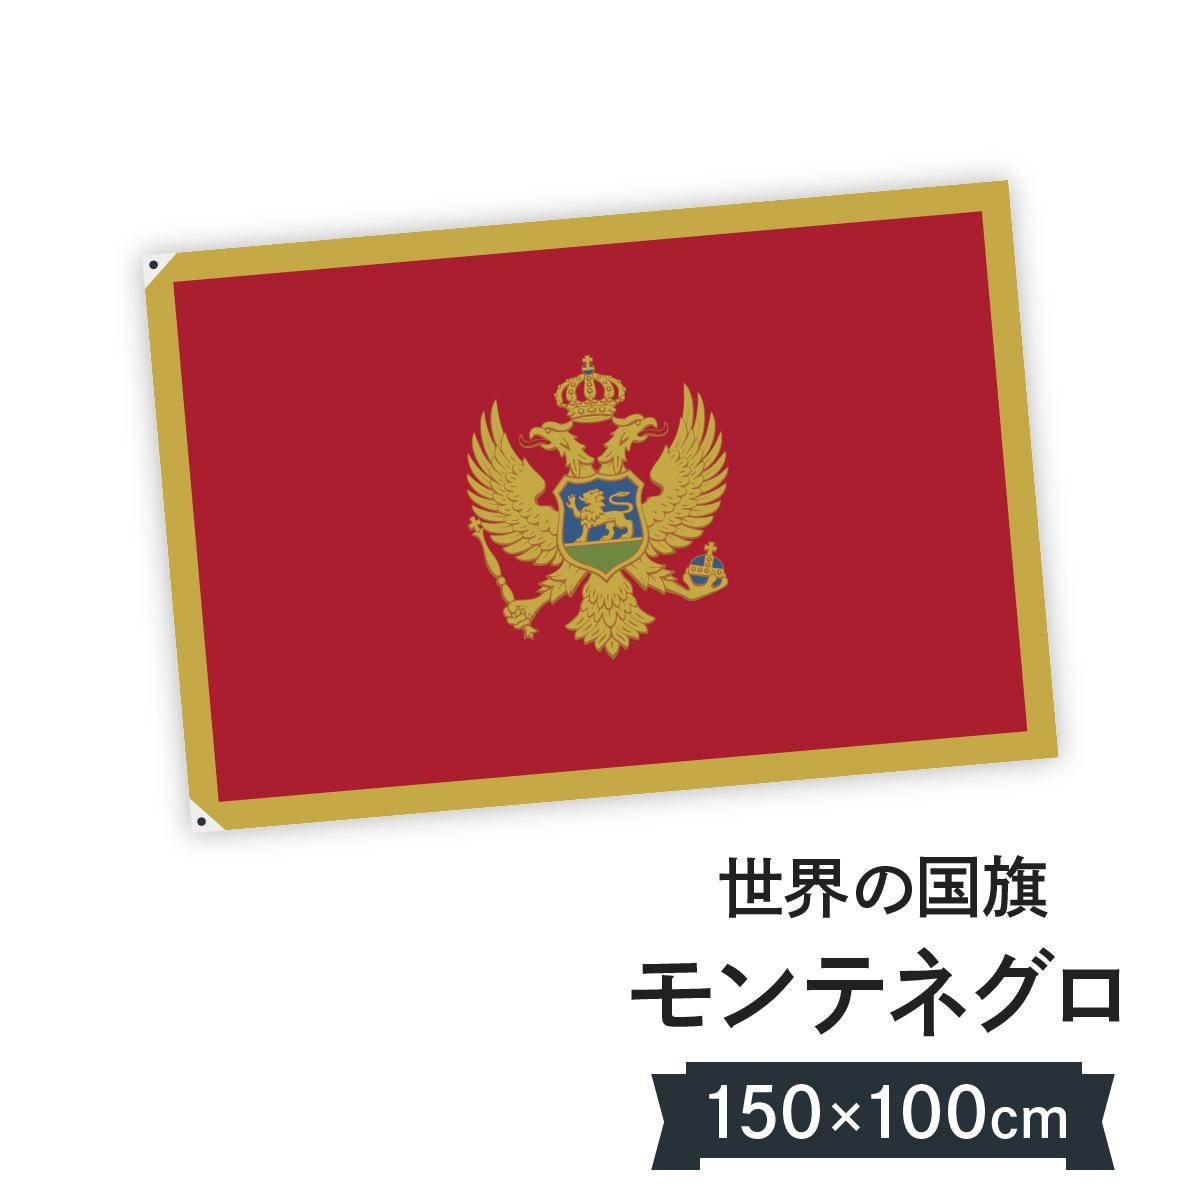 モンテネグロ 国旗 W150cm H100cm